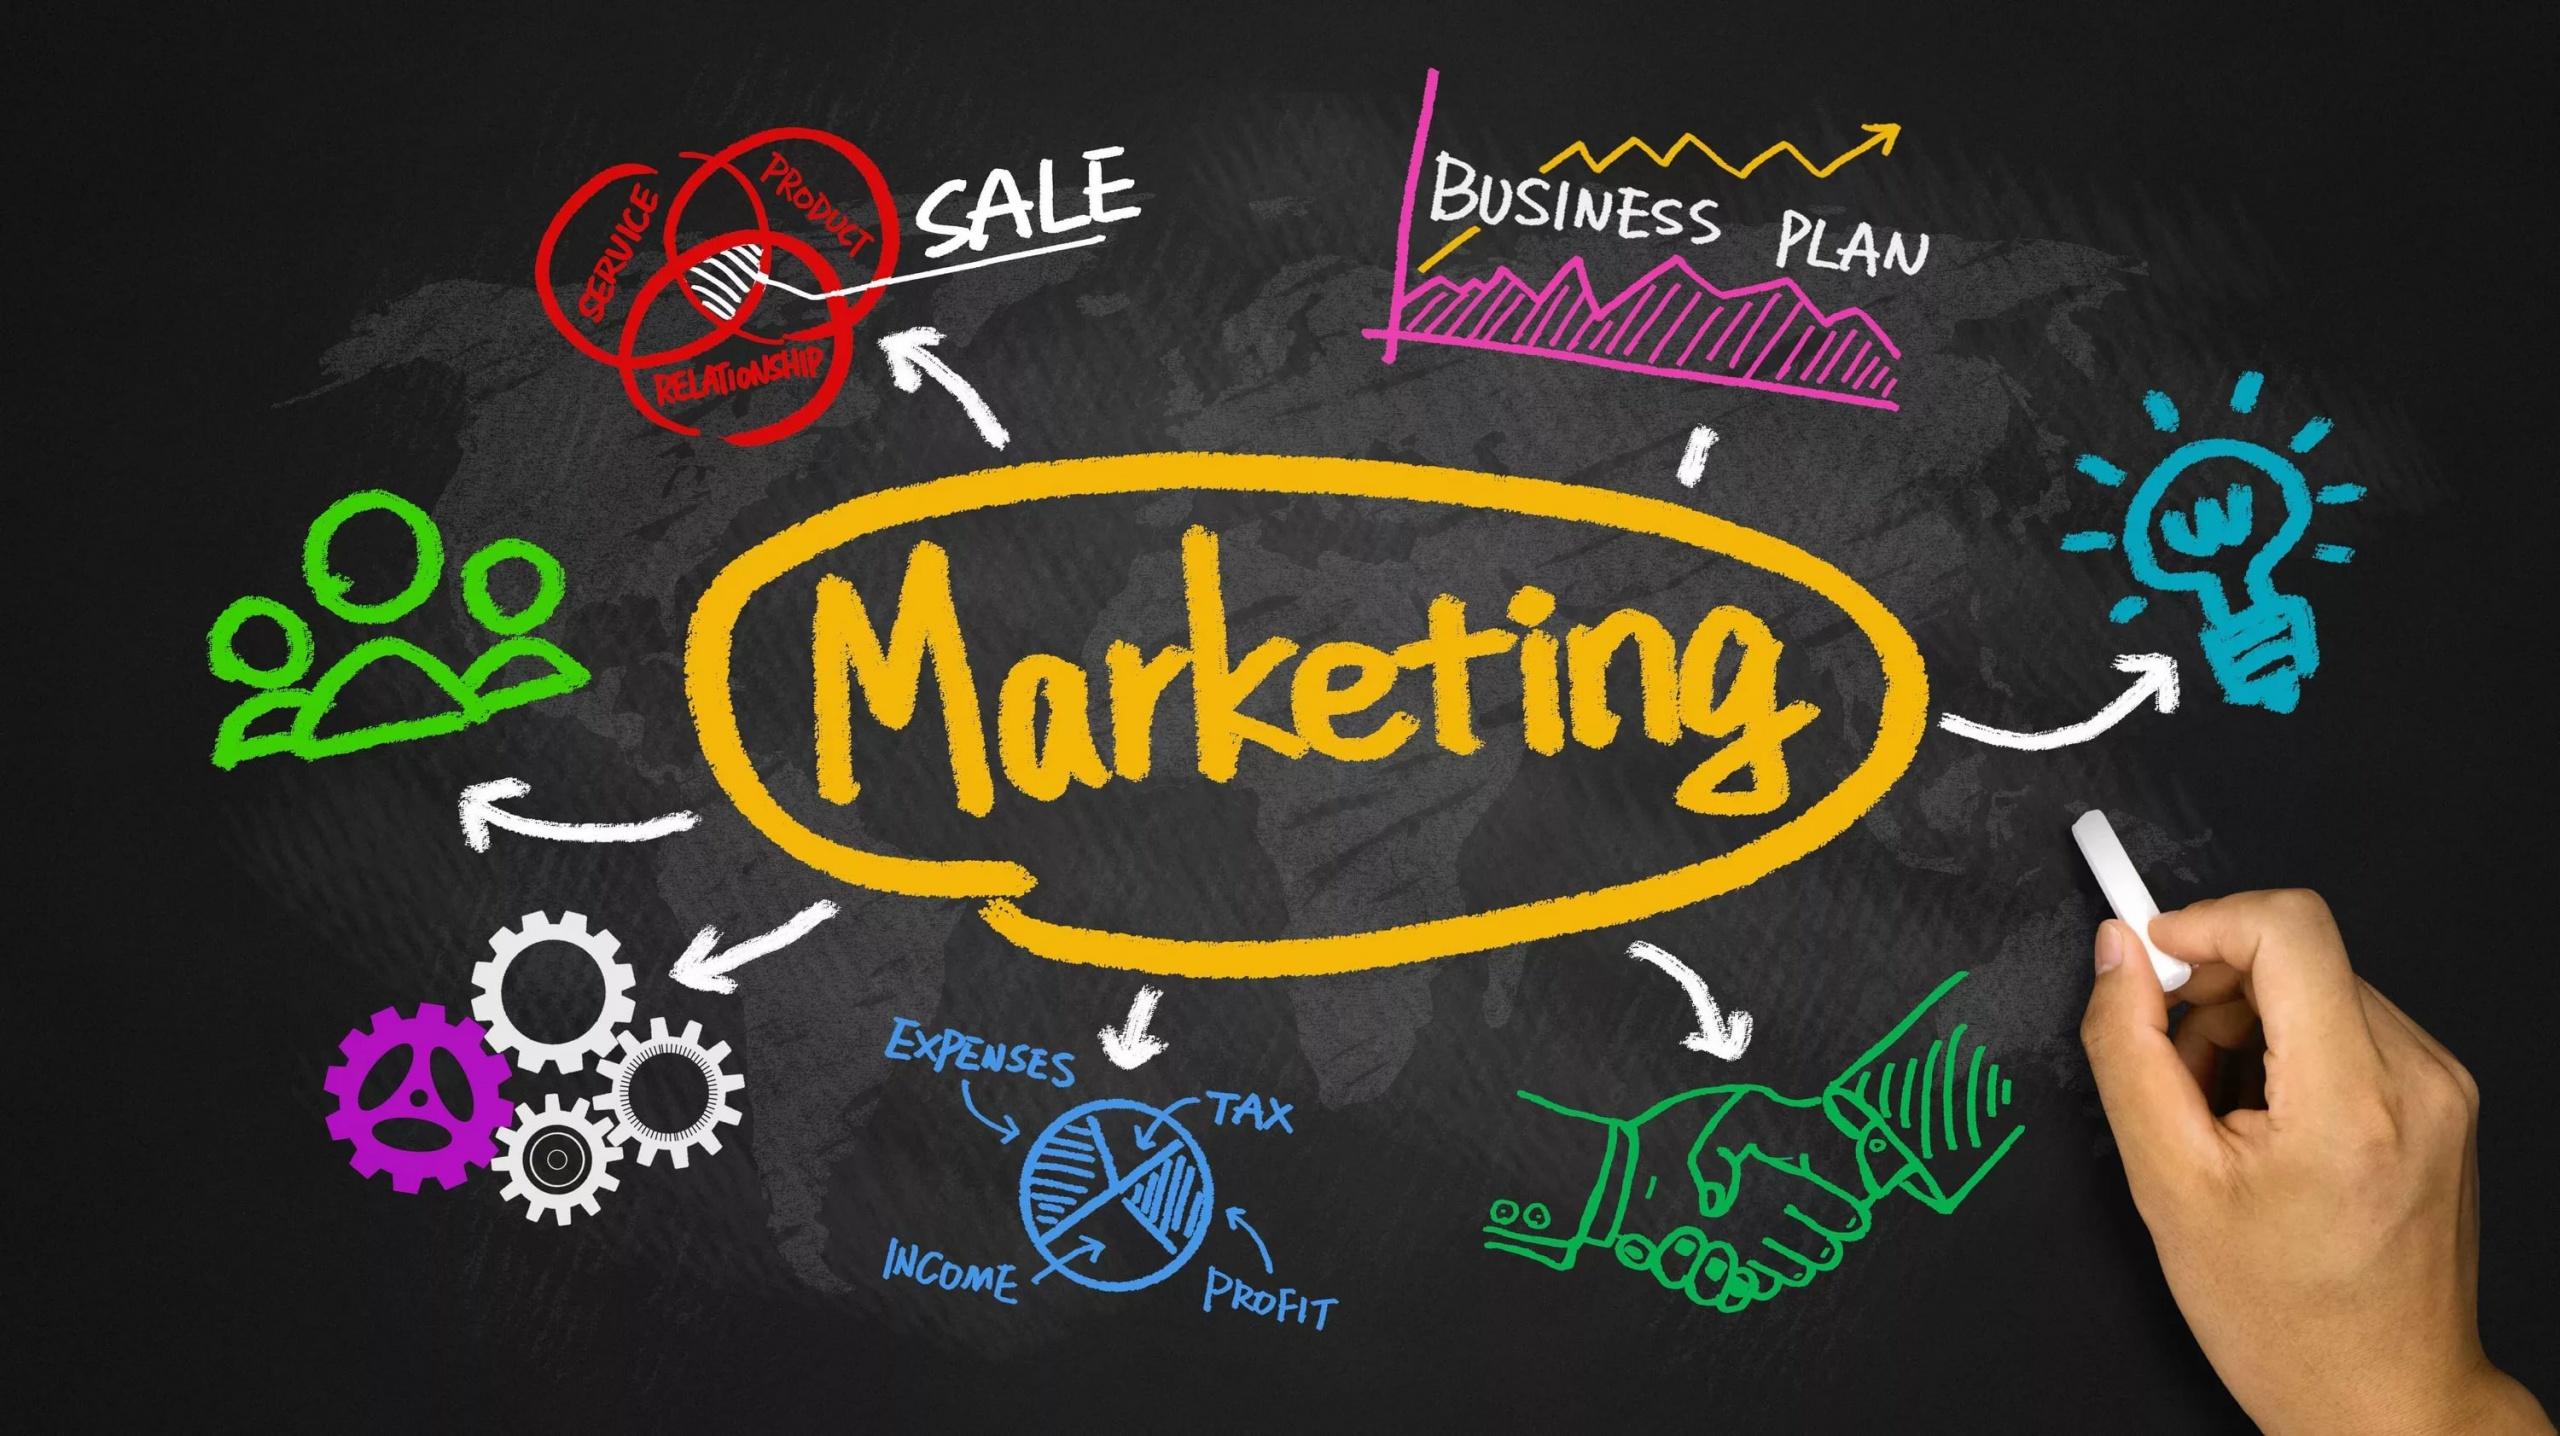 Руководитель в области маркетинговой деятельности